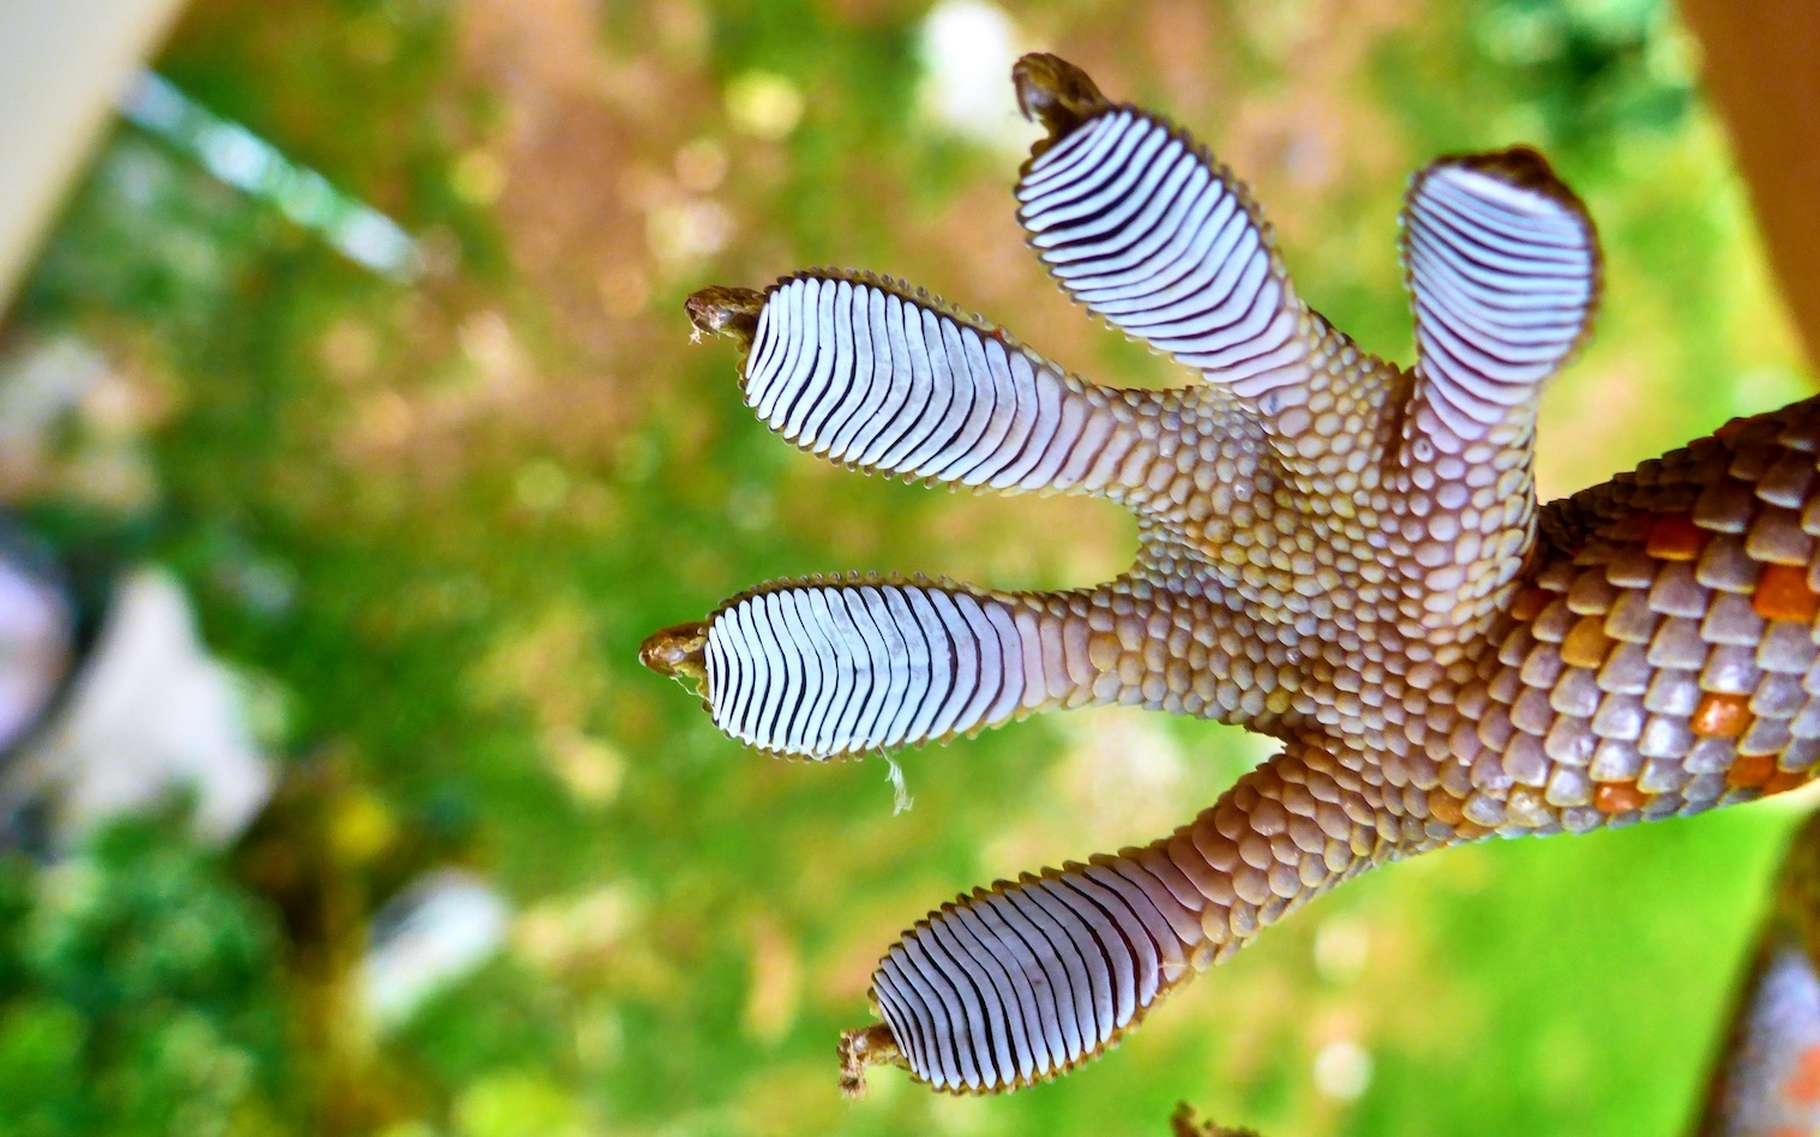 Des chercheurs de l'université de Stanford (États-Unis) se sont inspirés des pattes de gecko pour concevoir un « adhésif contrôlable » qui pourra, ils l'espèrent, nous aider à faire le ménage dans l'espace. © Viacheslav, Adobe Stock